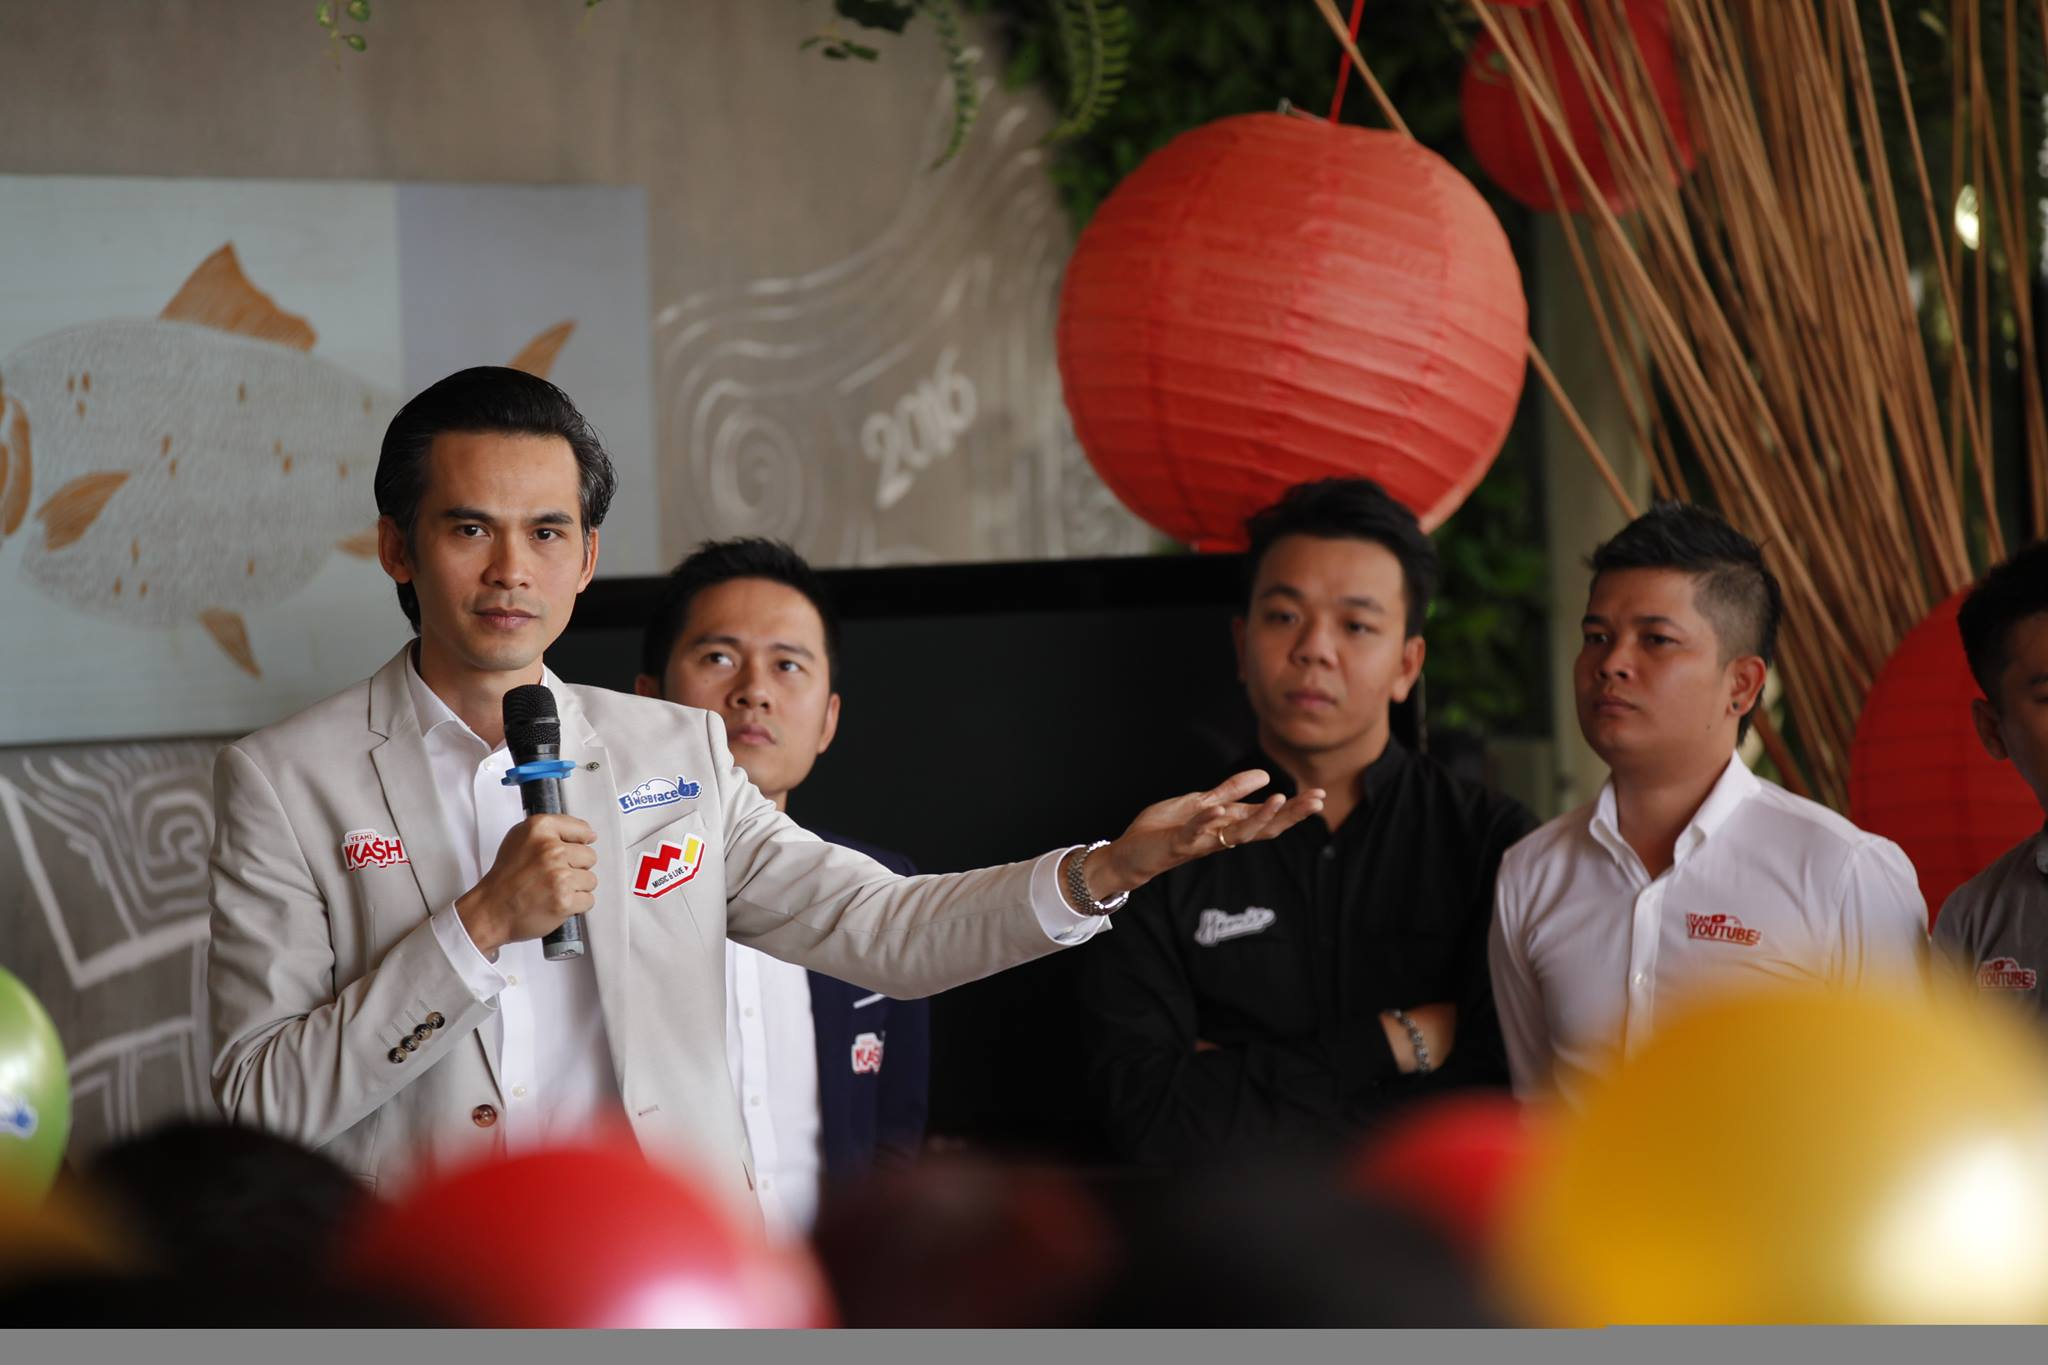 Khám phá Yeah1 - Nơi CEO treo thưởng 3 triệu USD cho nhân viên - Ảnh 1.